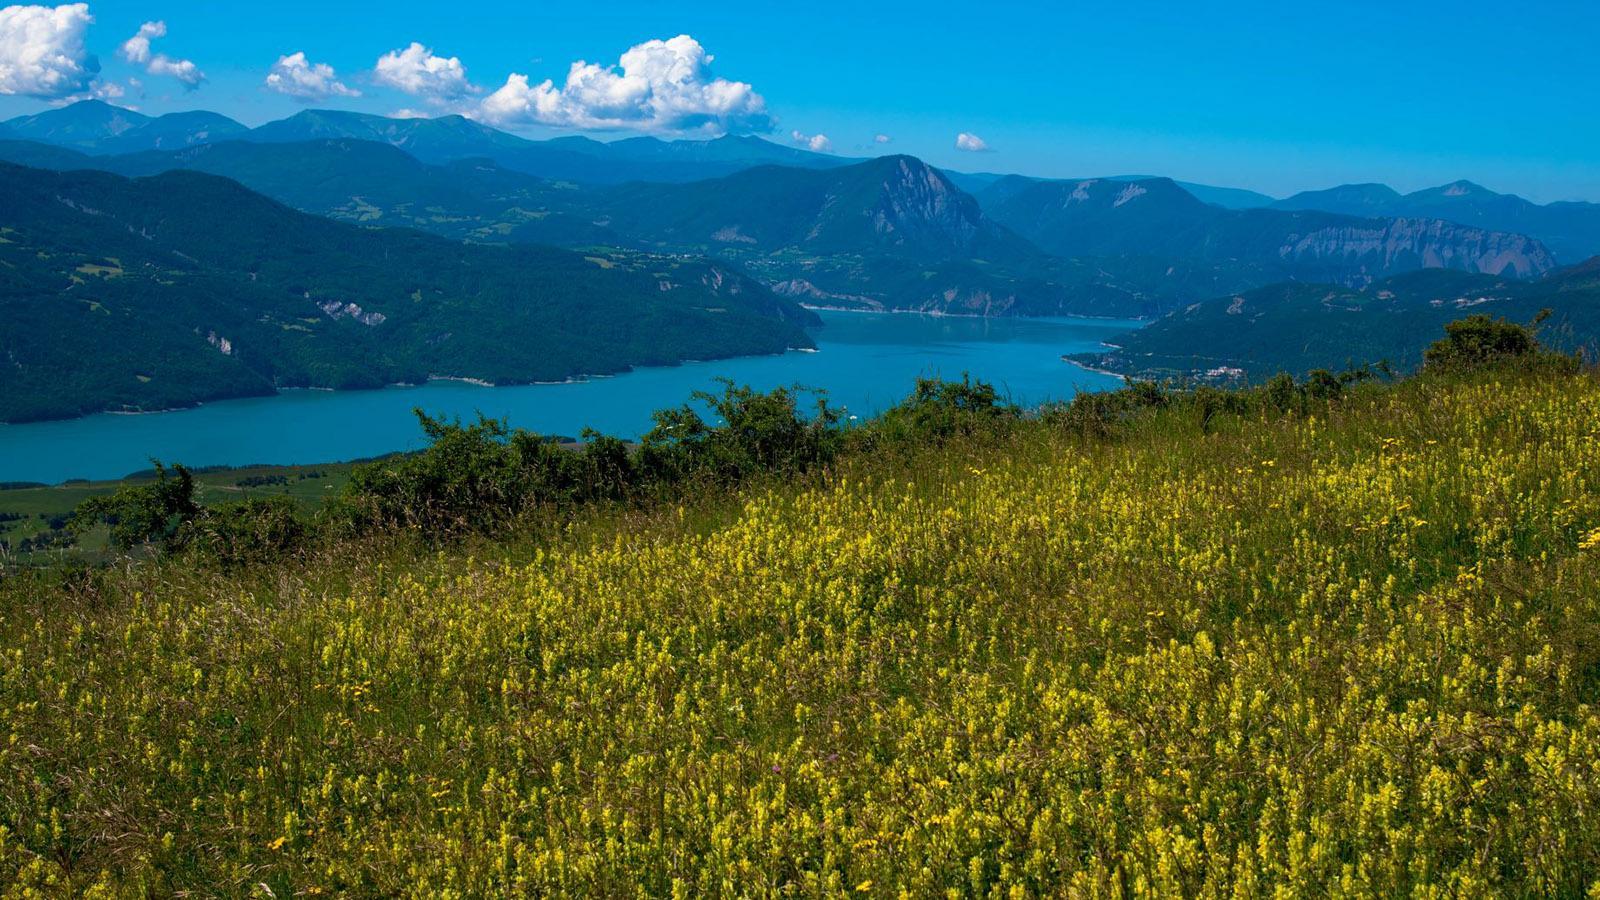 Blick auf den Lac de Serre-Ponçon. Foto: Hilke Maunder